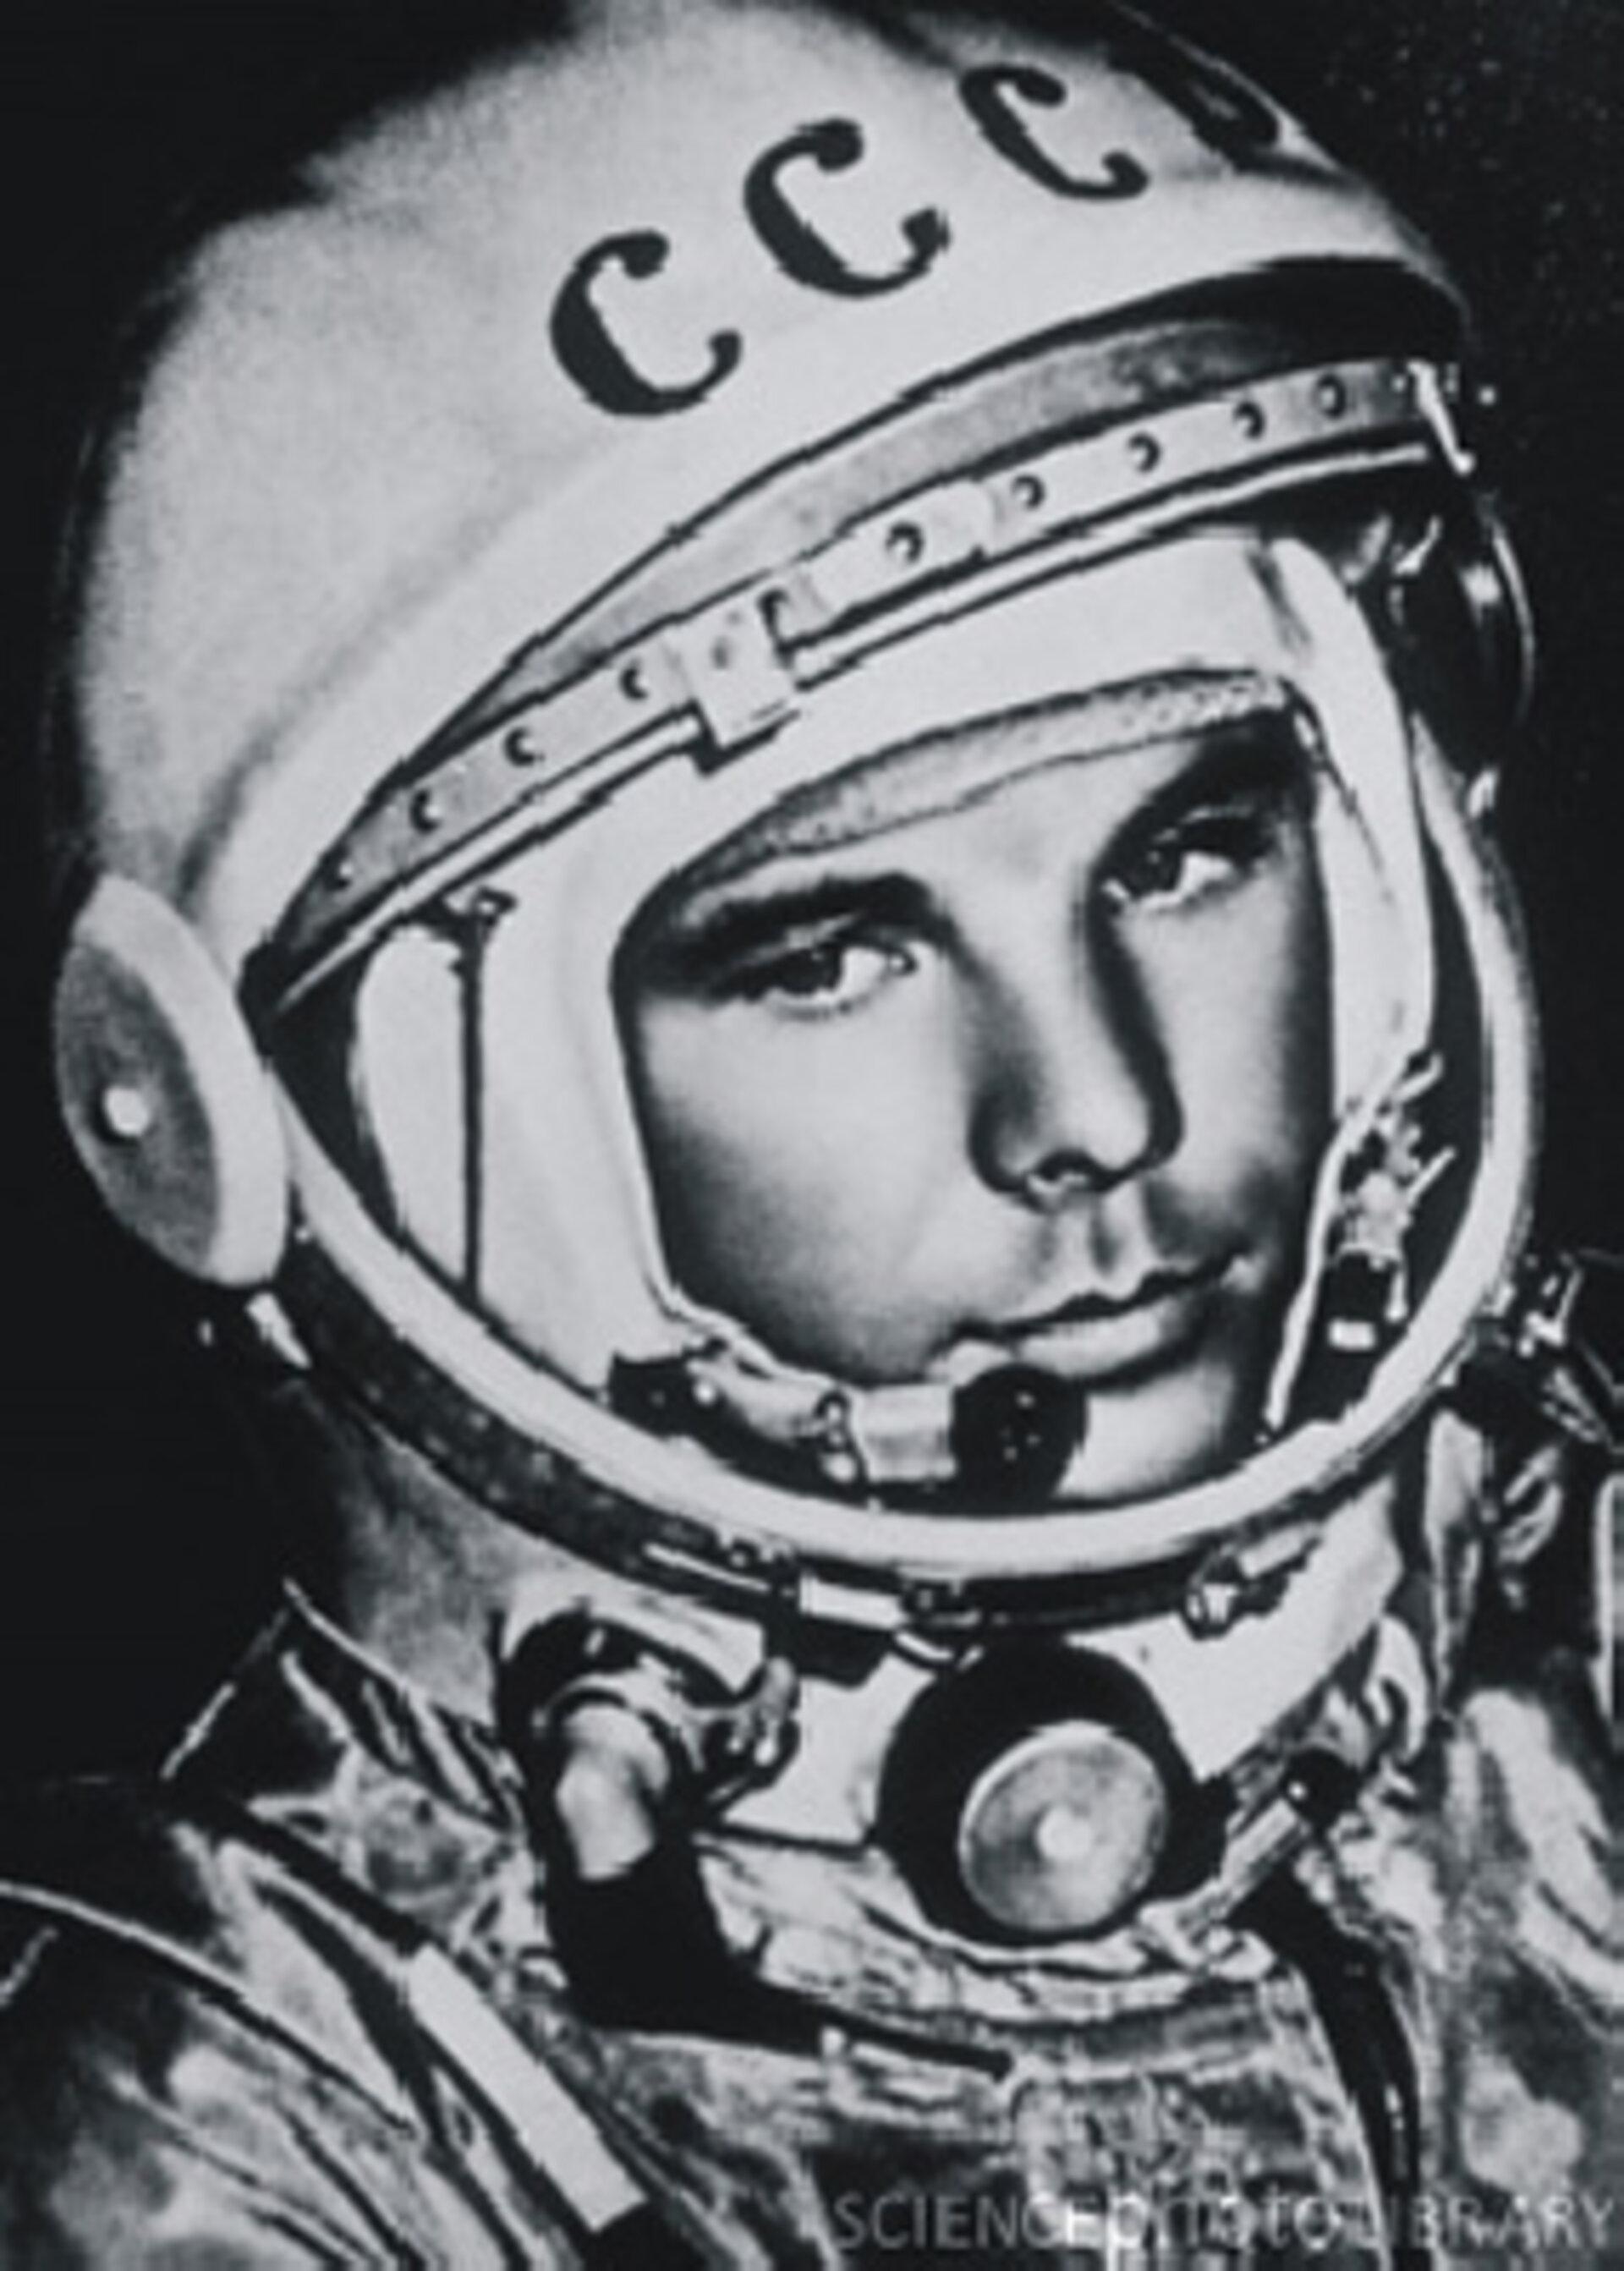 Juri_Gagarin_-_Der_erste_Mensch_im_All_p